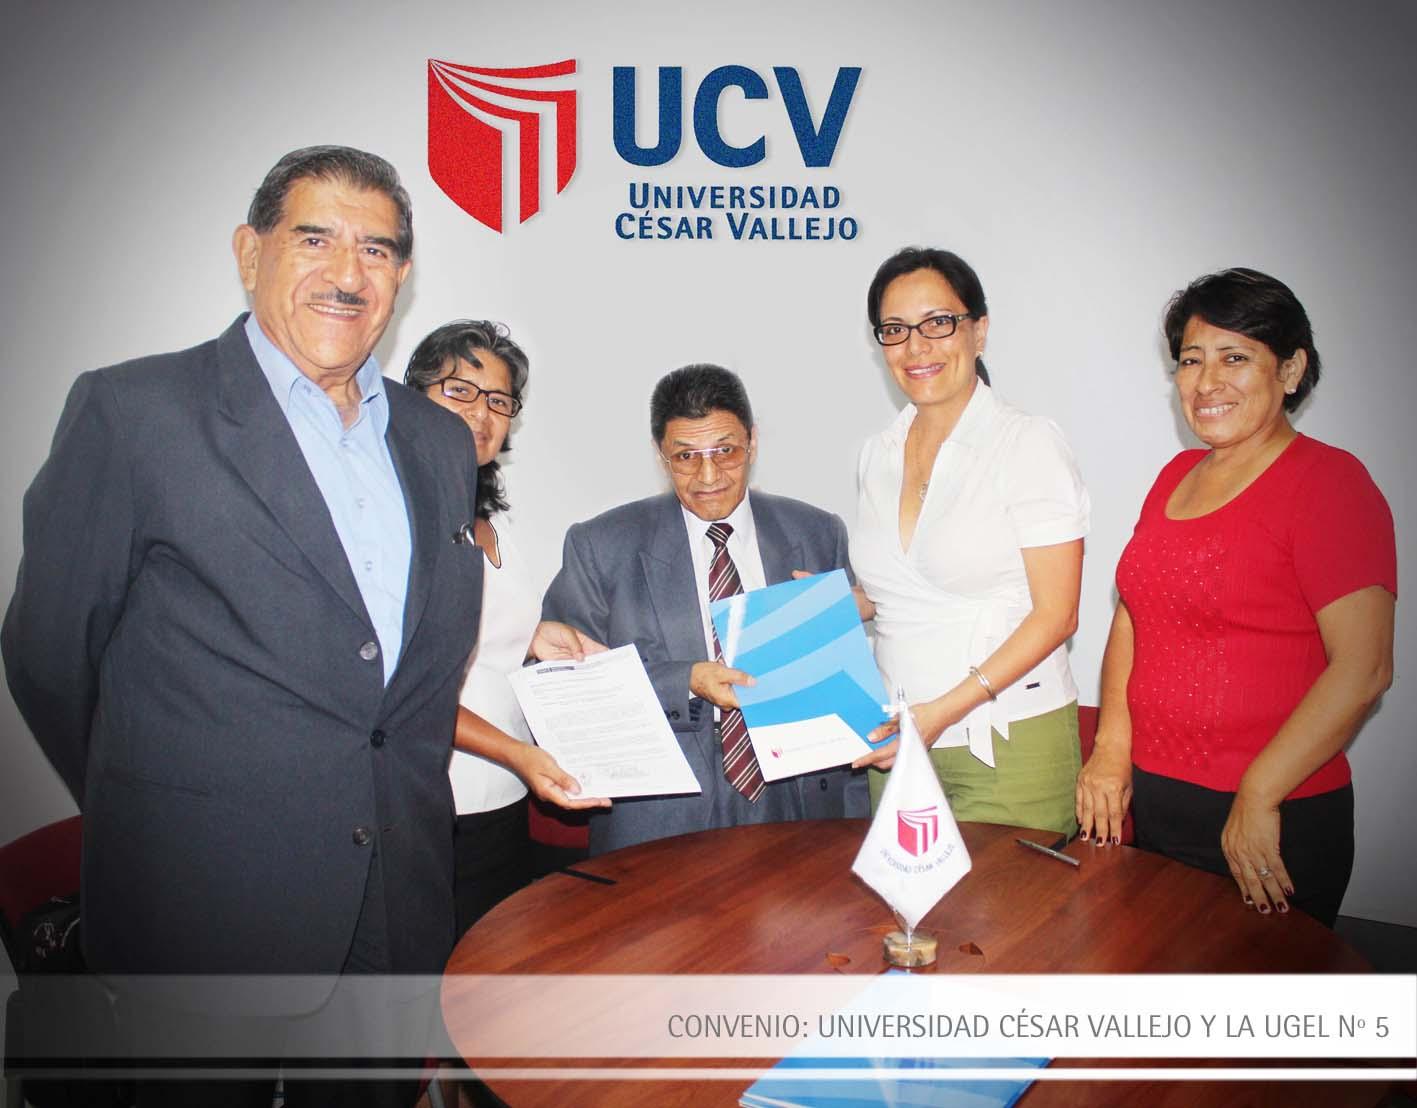 CONVENIO: UNIVERSIDAD CÉSAR VALLEJO Y LA UGEL Nº 5